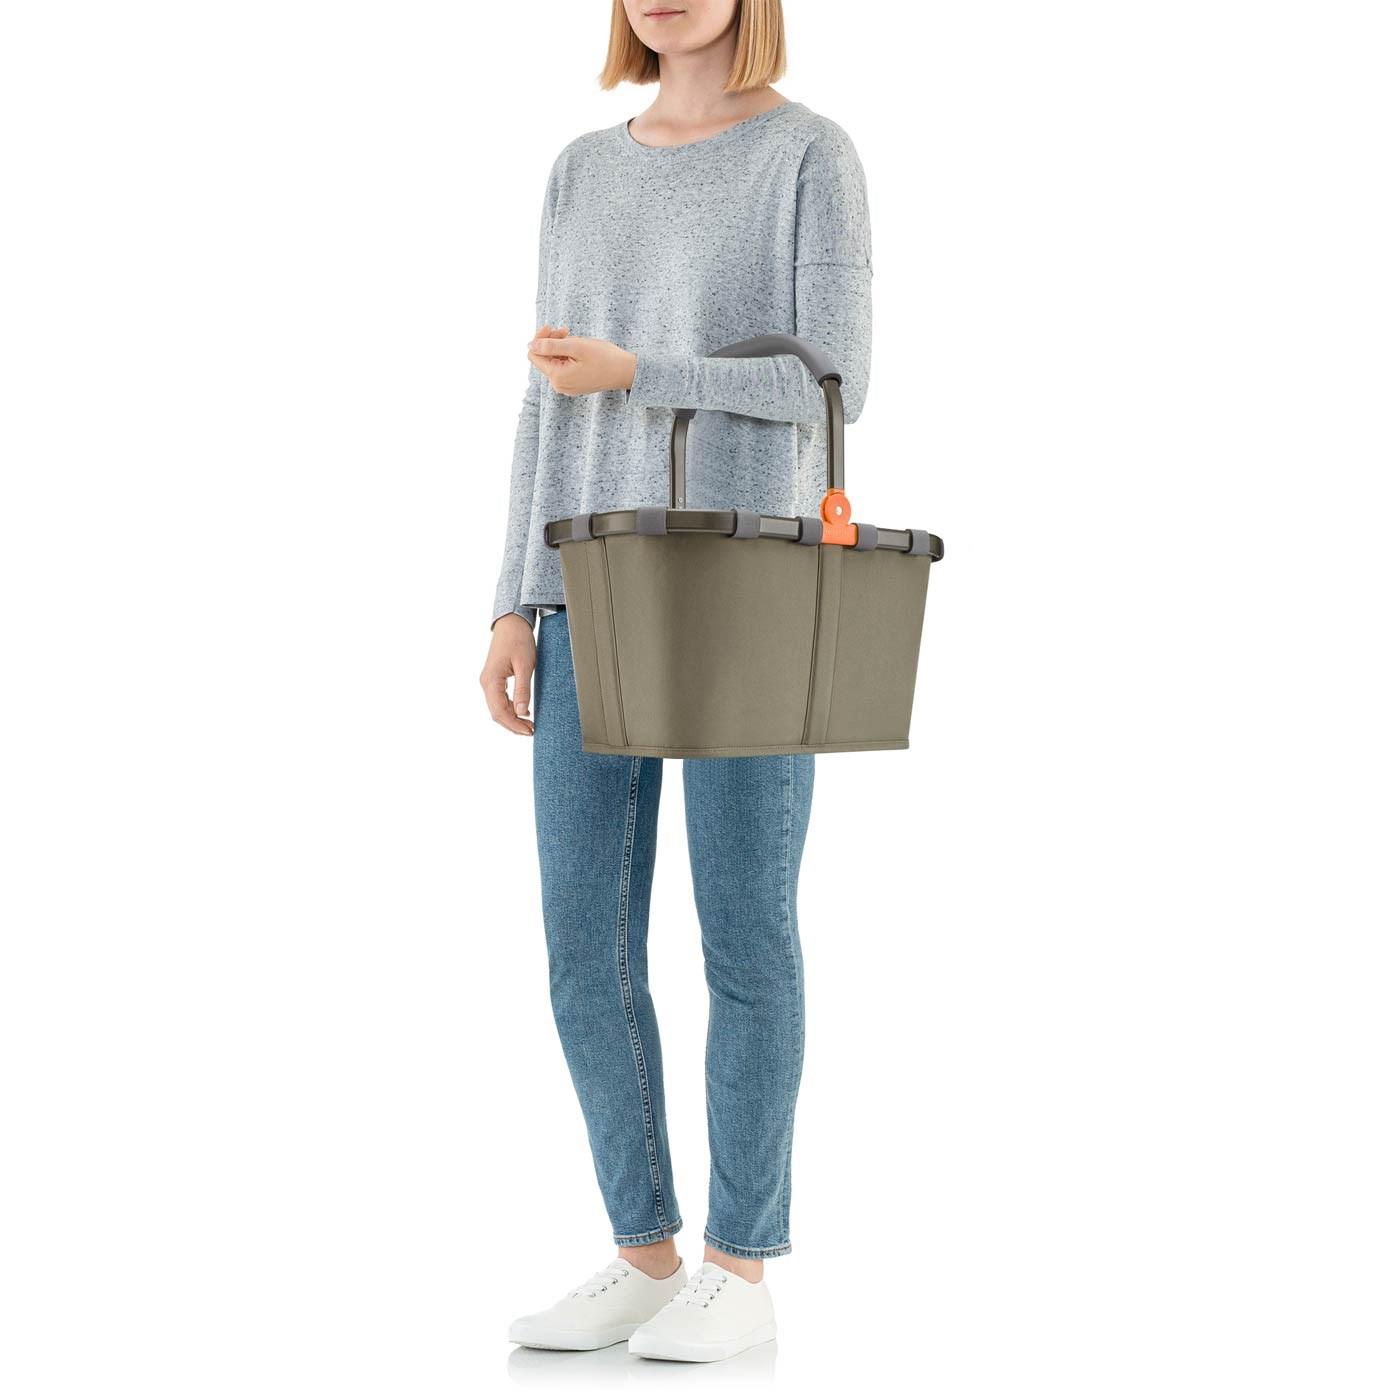 Nákupní košík Carrybag frame olive green_2